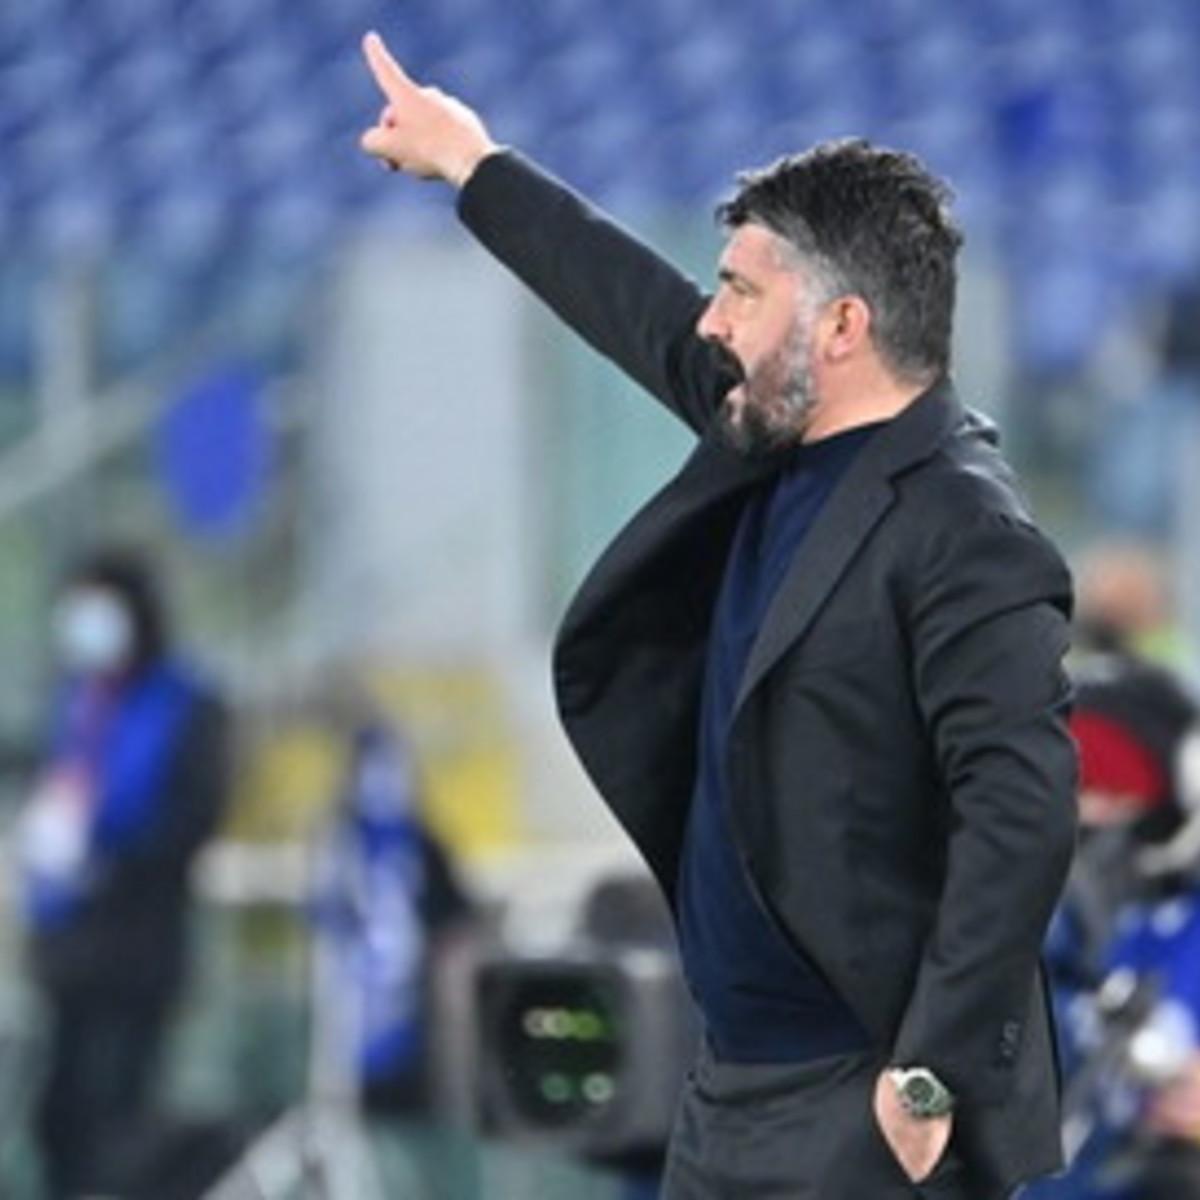 Gattusoverso la Fiorentina: Napoli, suggestione Dionisima piace anche Fonseca